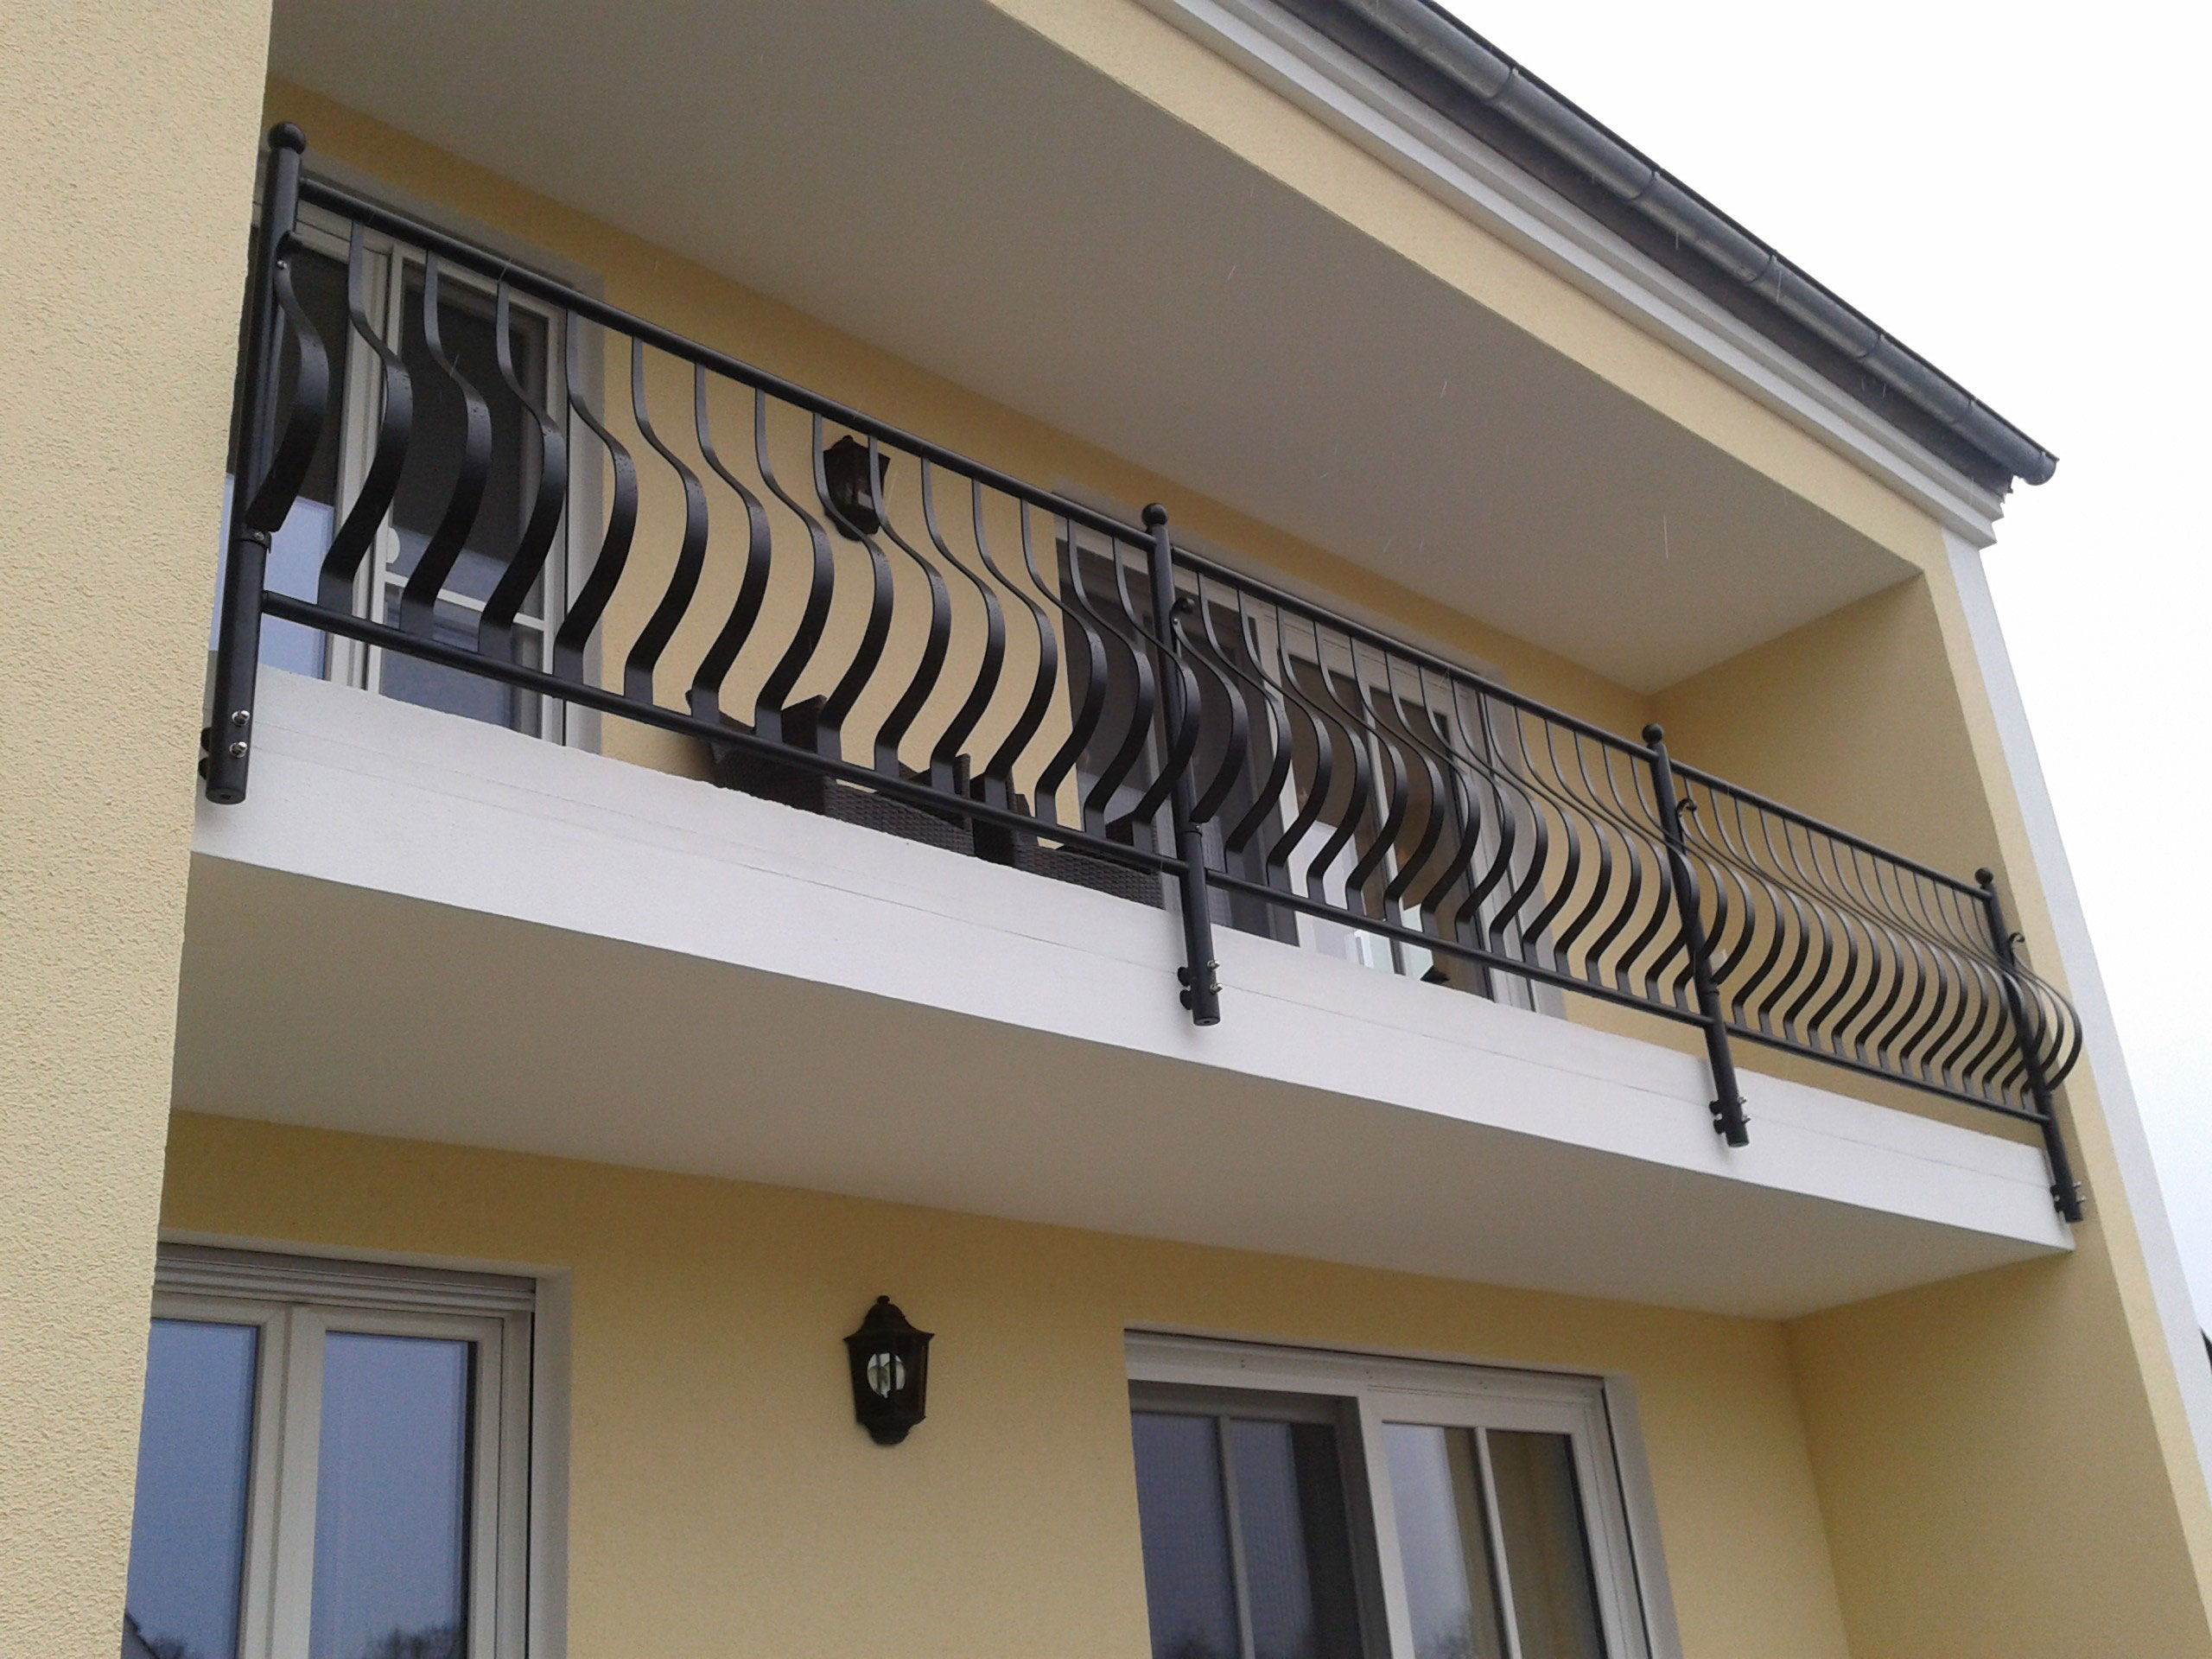 Ограждение для балкона заказать в броварах